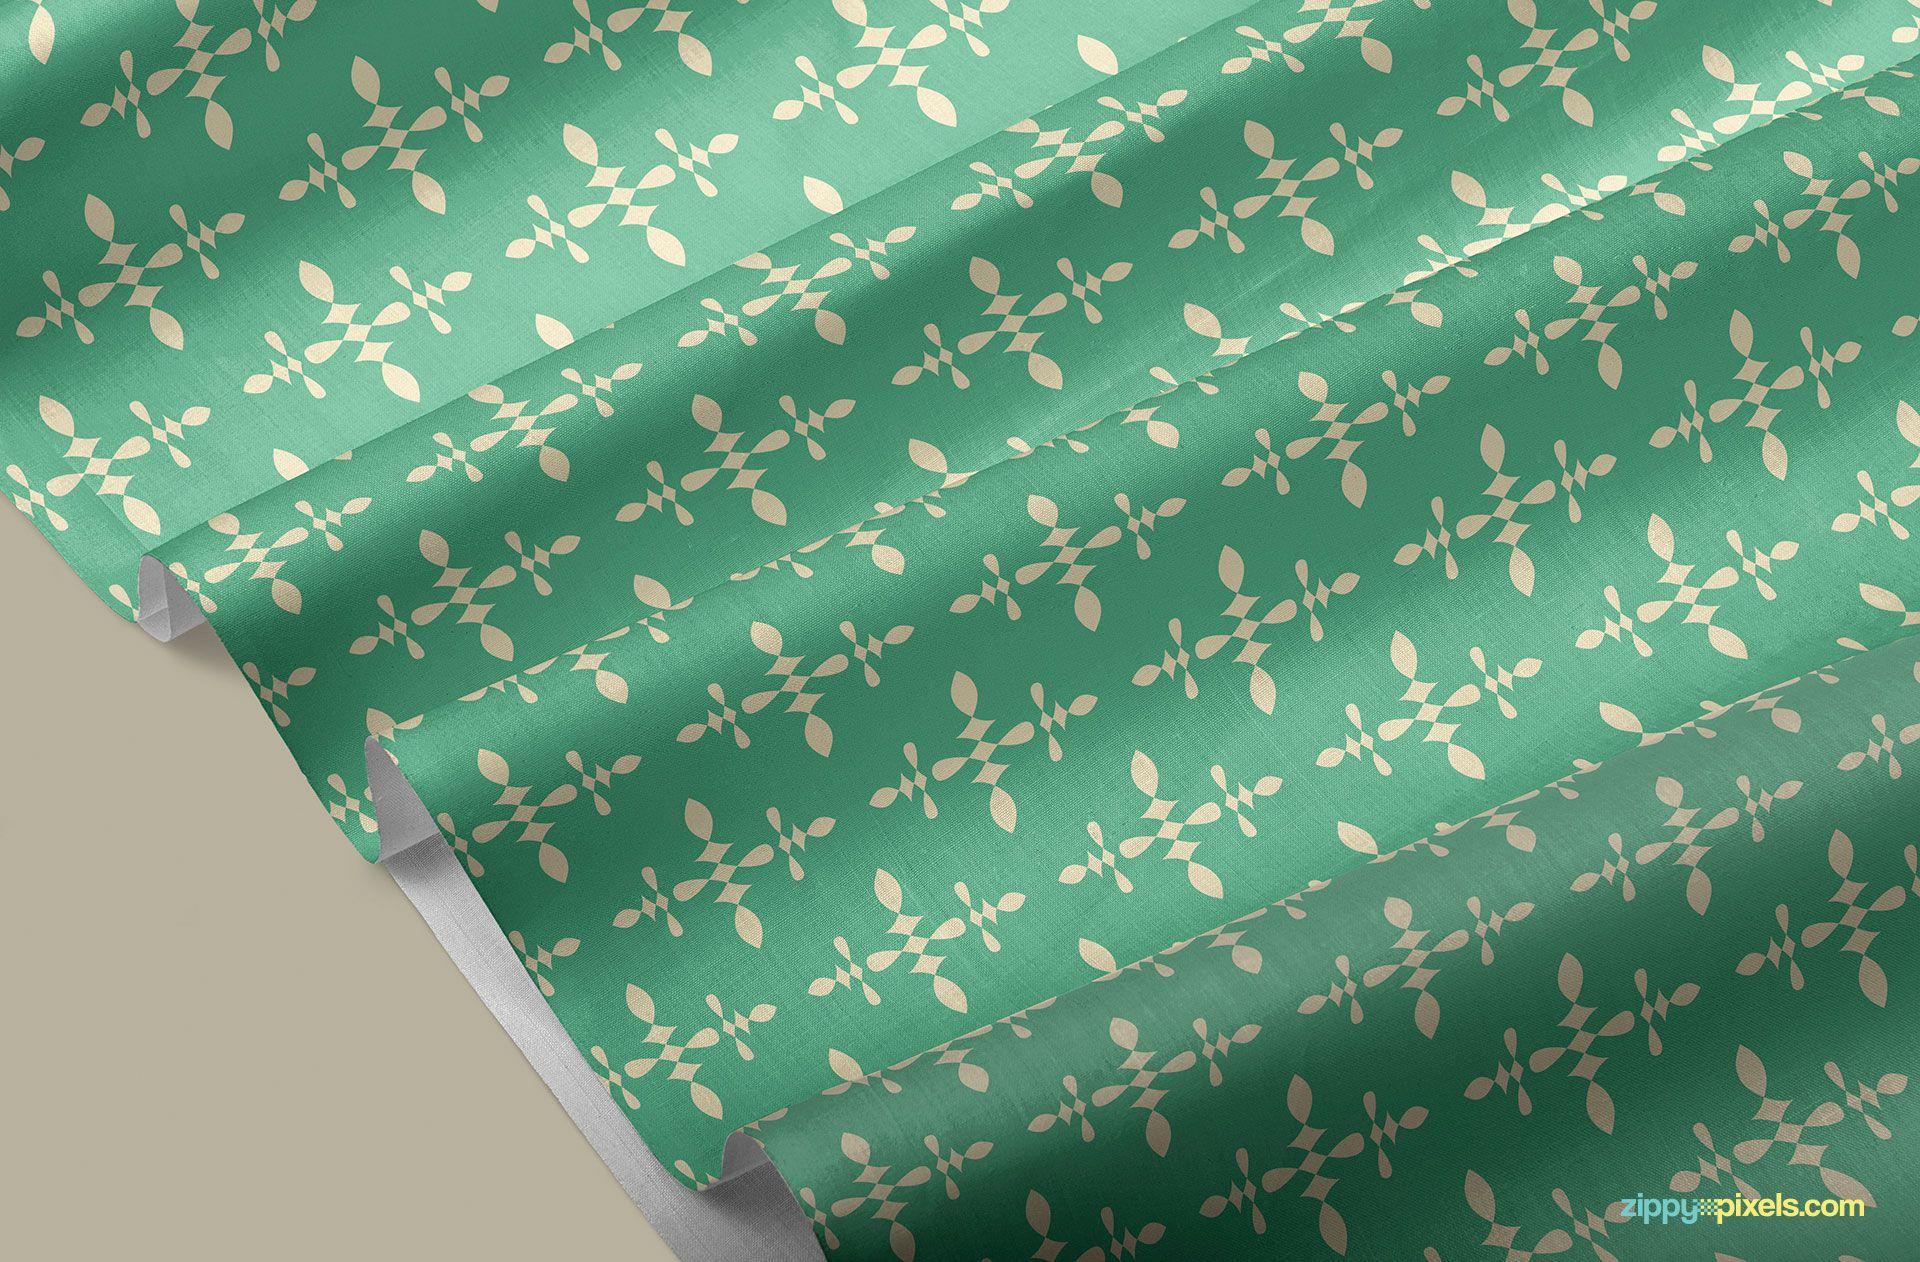 Beautiful pattern on fabric mockup.